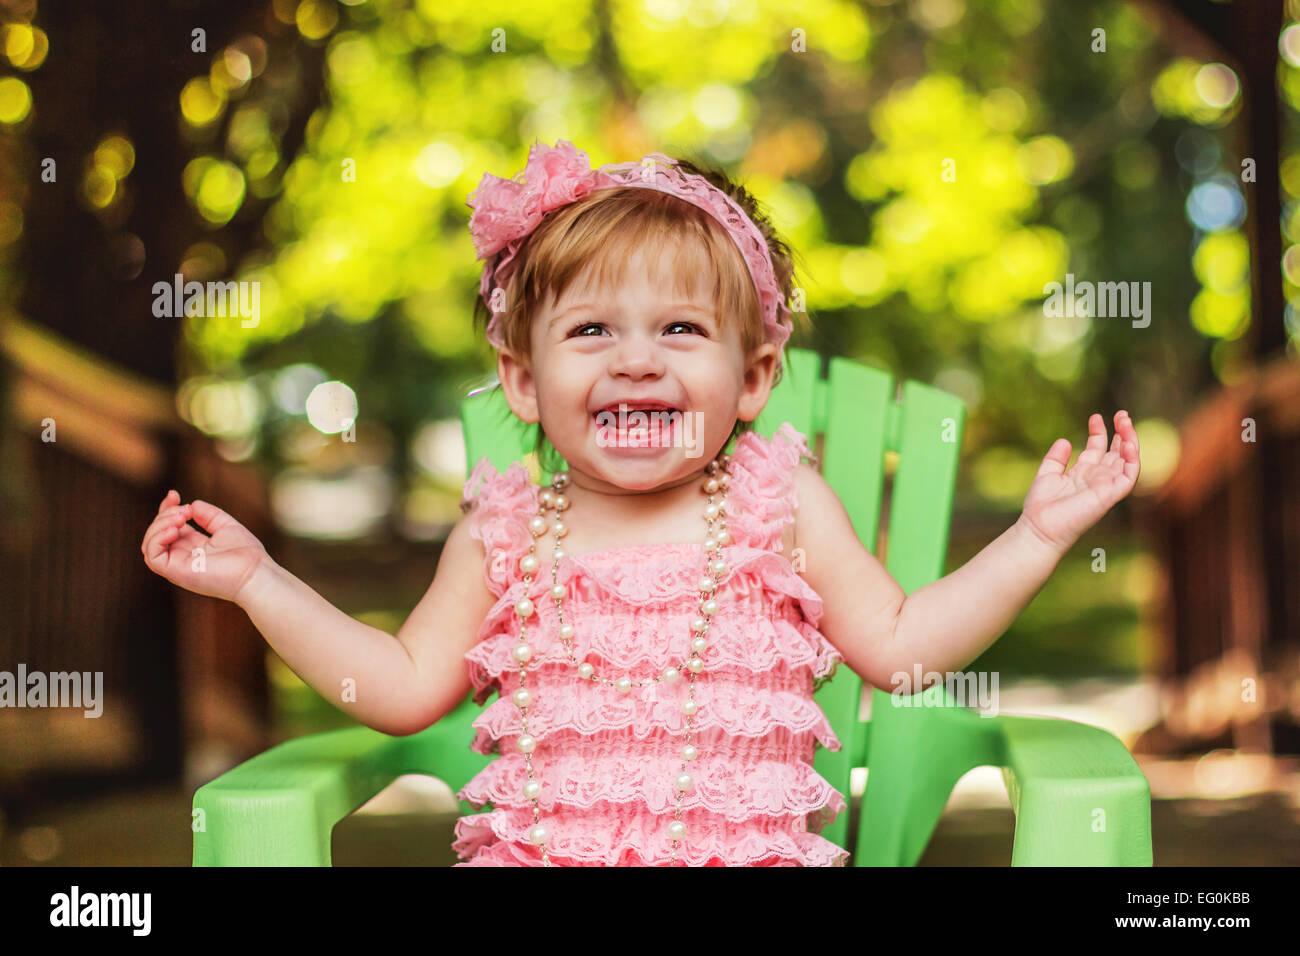 Feliz chica en un vestido de fiesta sentado en la silla de jardín riendo Imagen De Stock